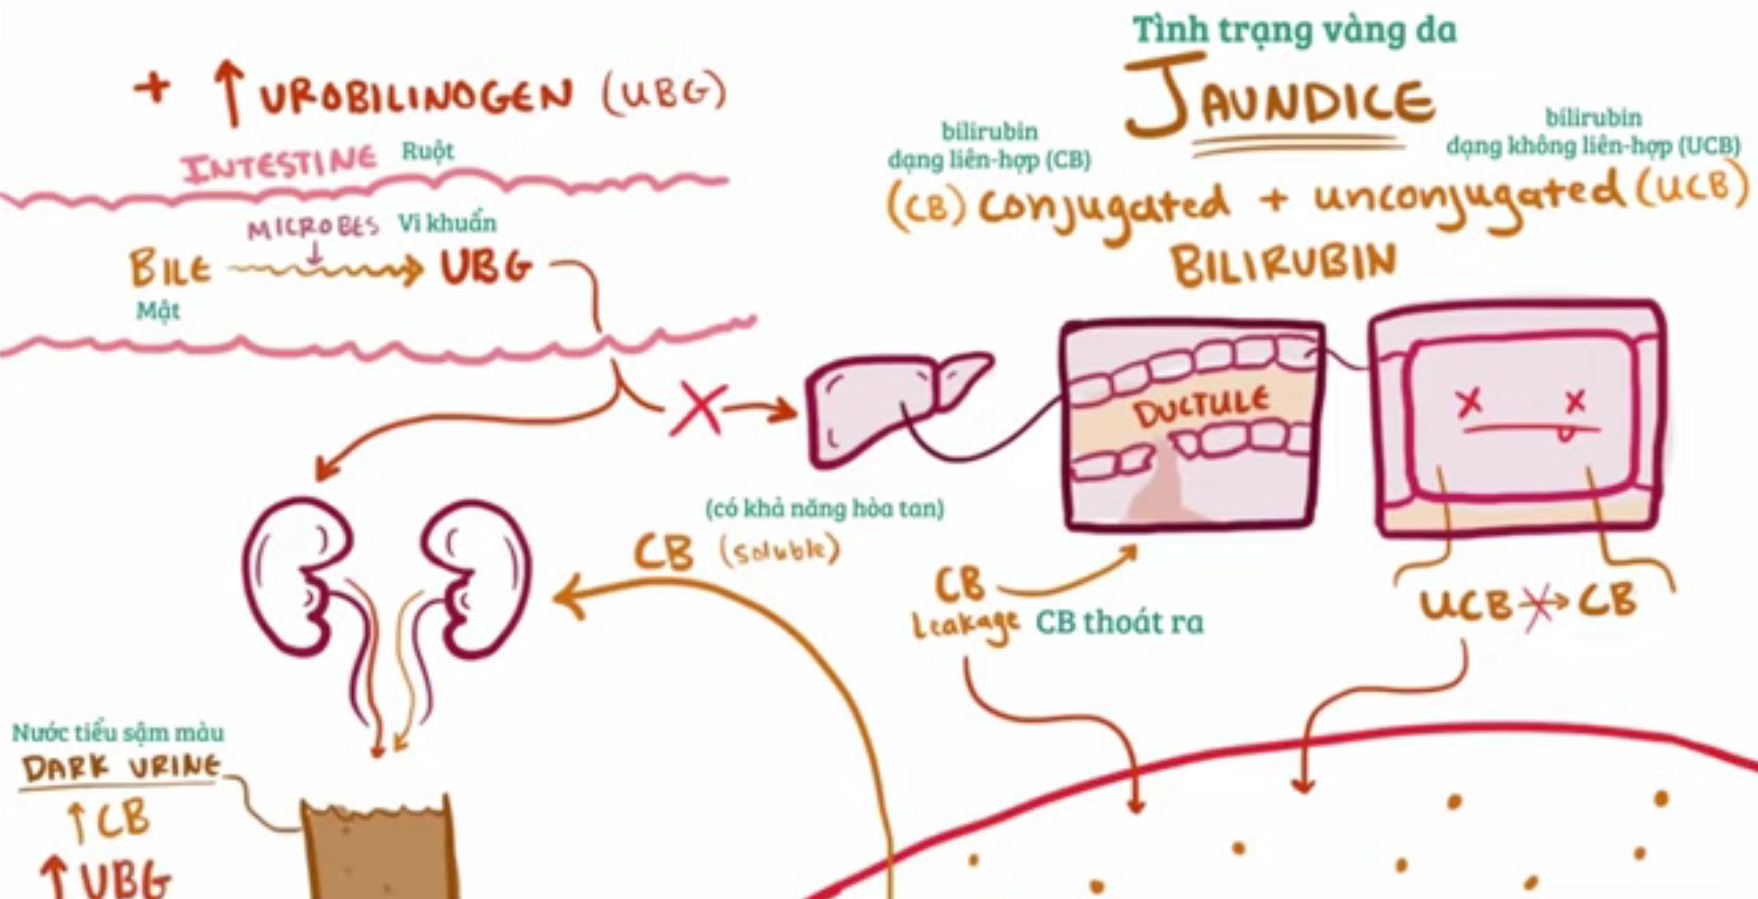 Những nguyên nhân triệu chứng chuẩn đoán và cách điều trị bệnh viêm gan do virus